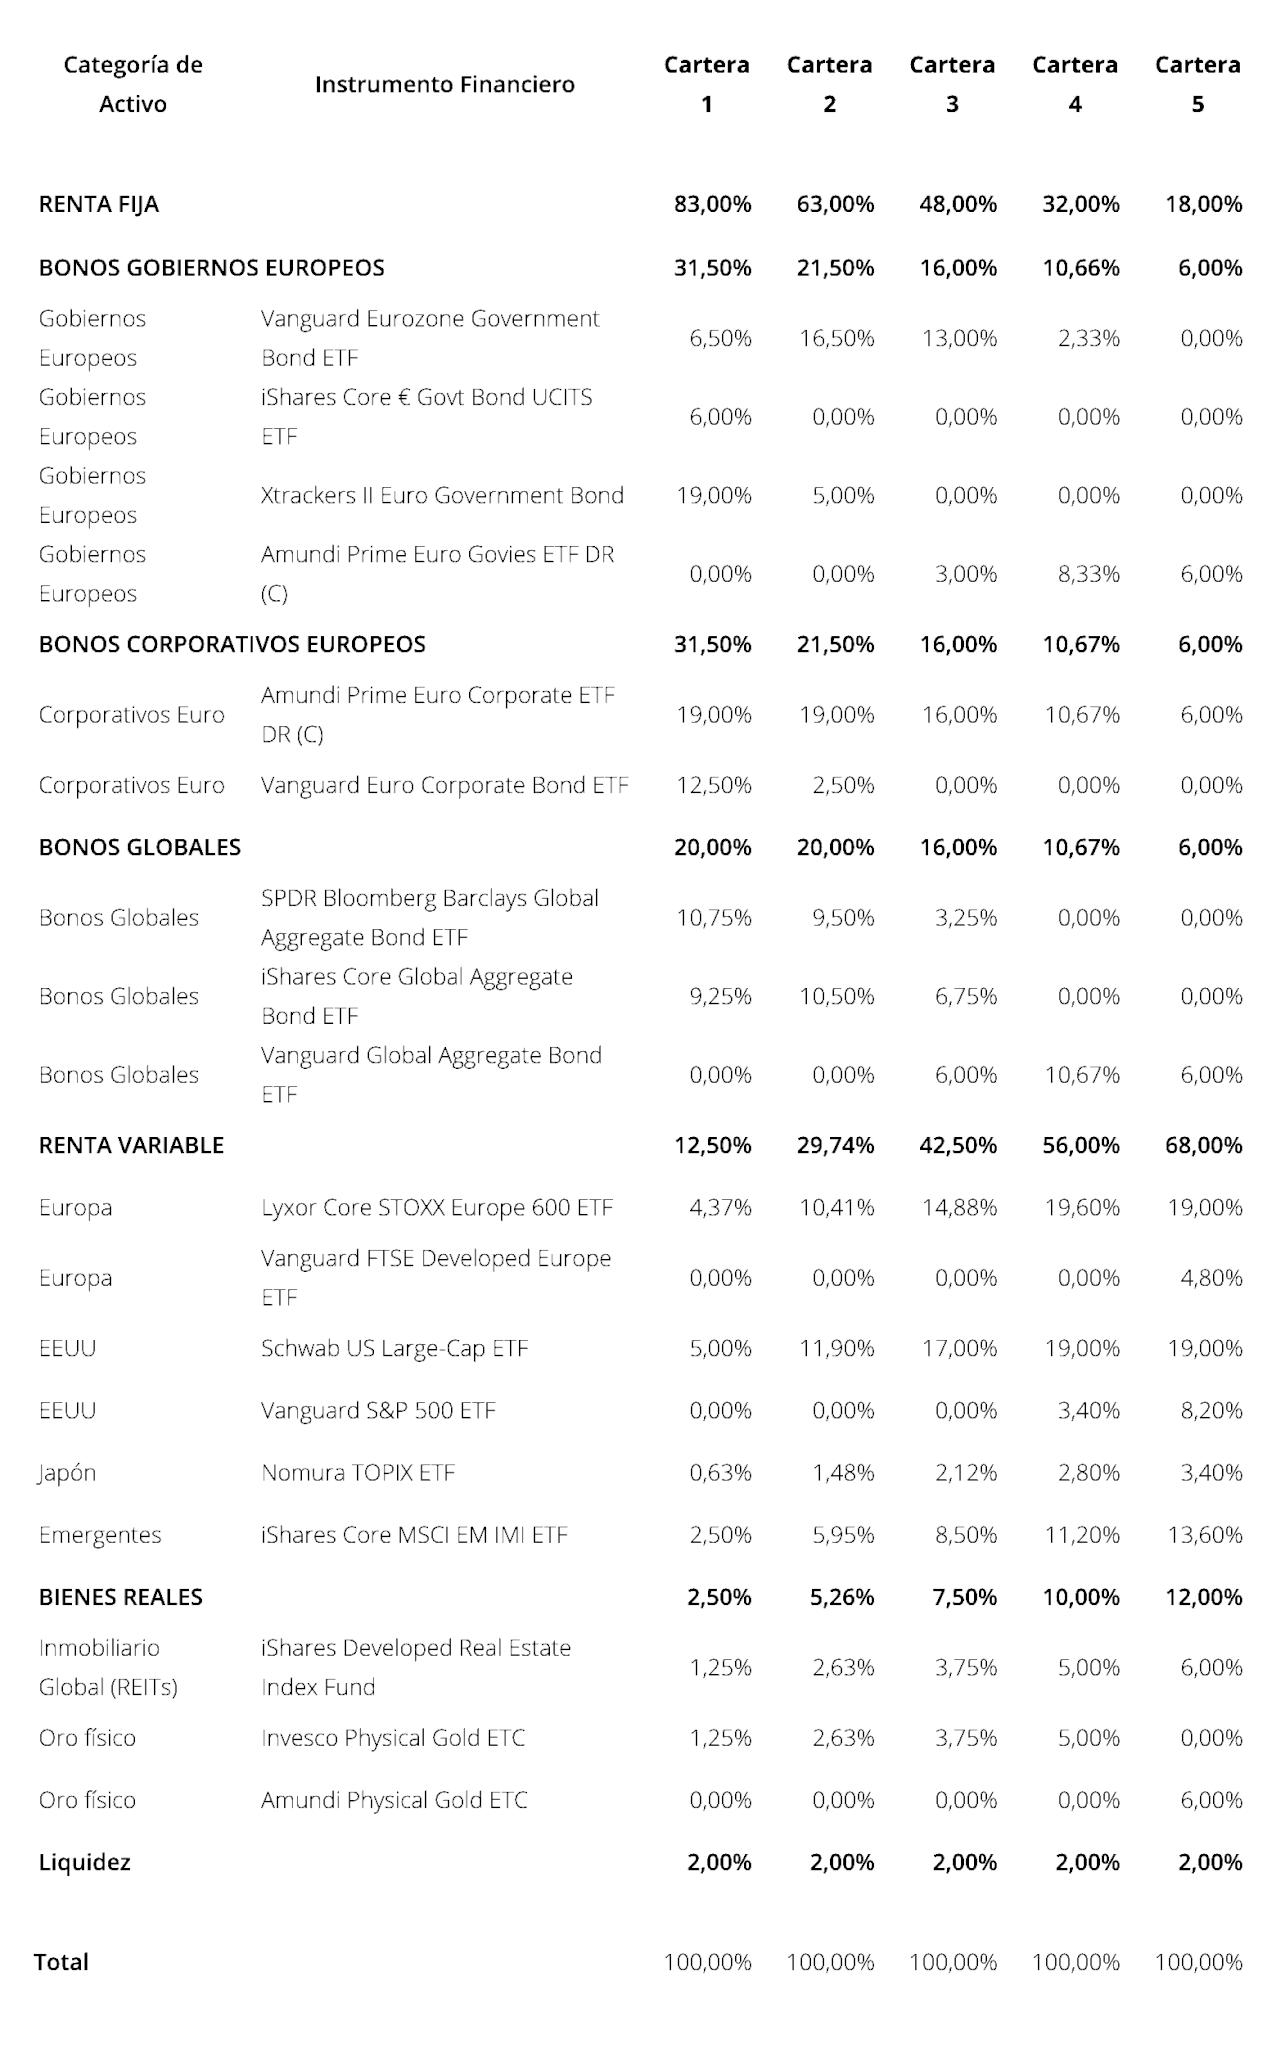 Detalle de las carteras de los Planes de Pensiones de Finizens